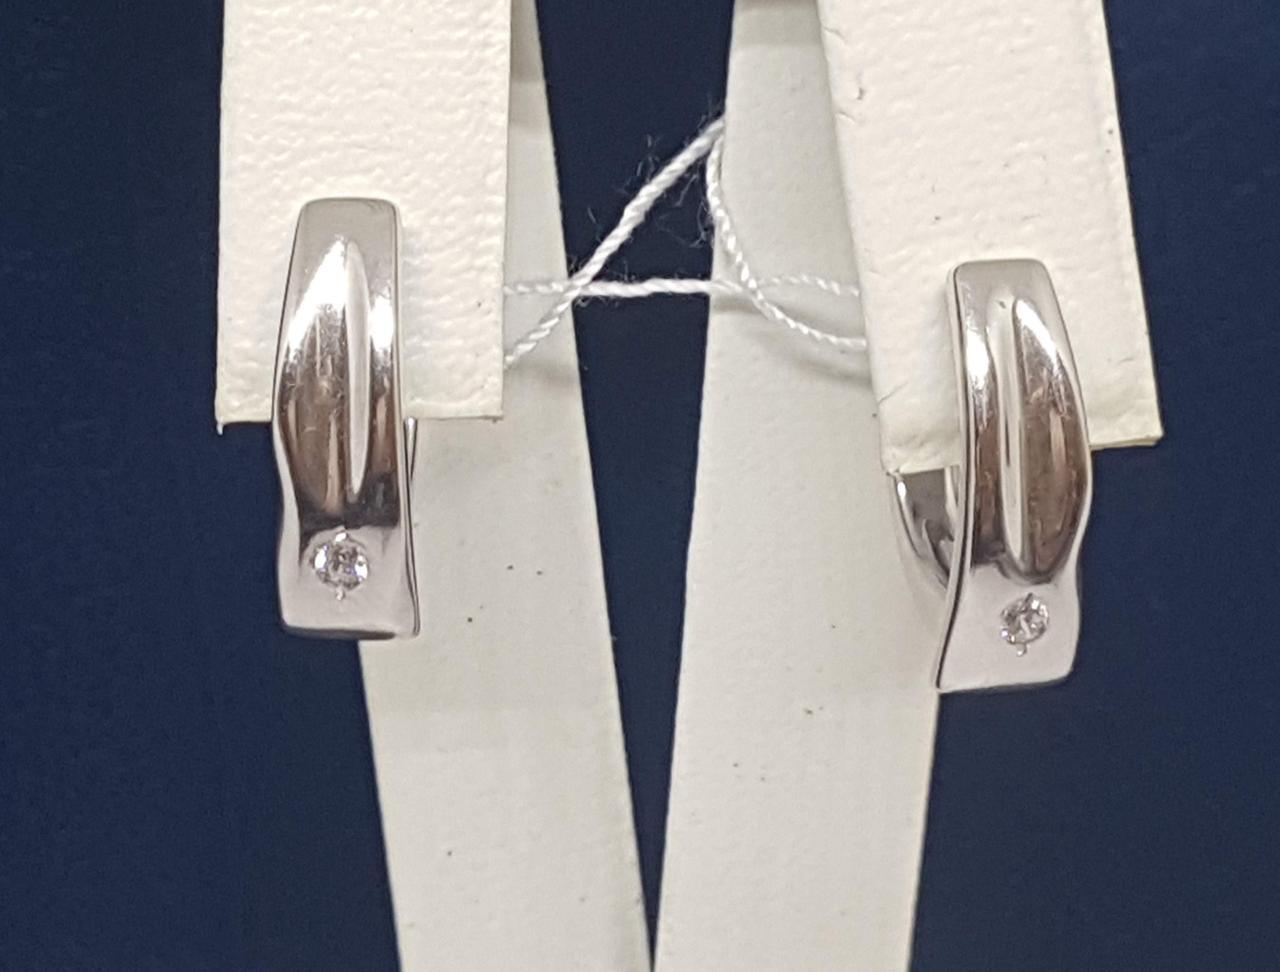 Срібні сережки з фіанітами. Артикул 4940